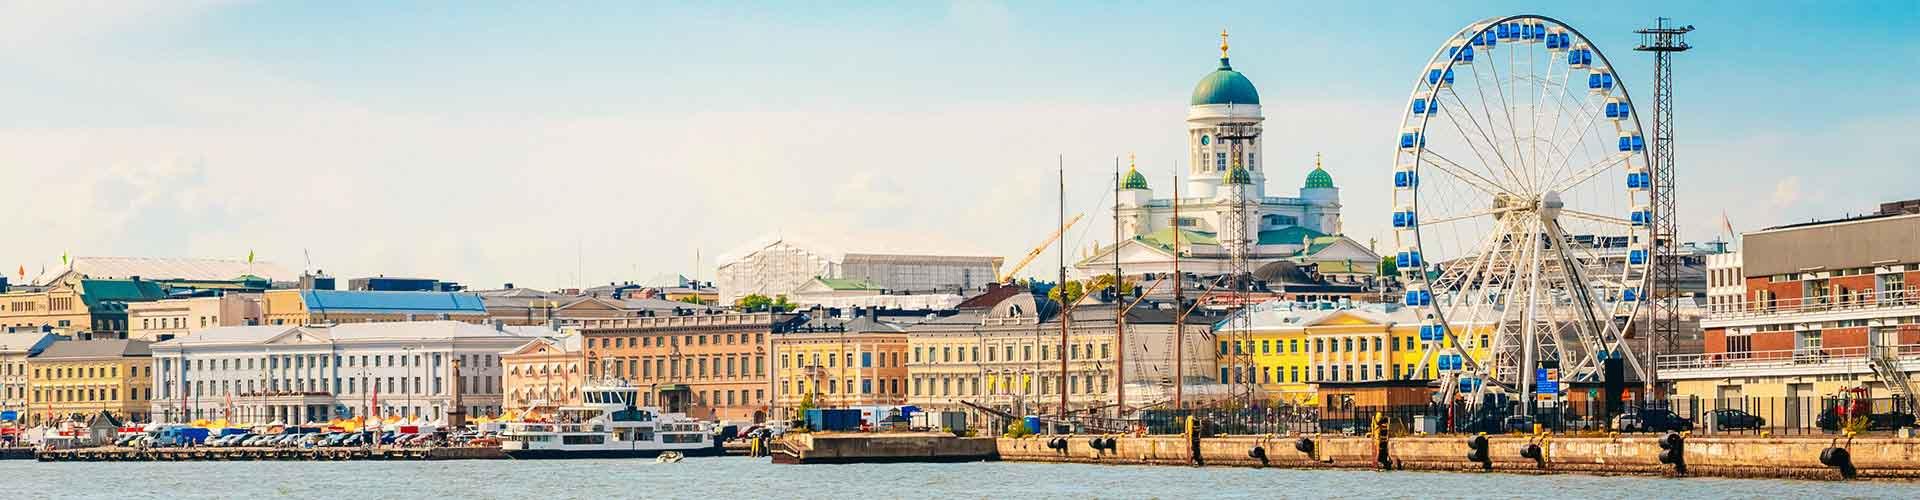 赫尔辛基 – 赫尔辛基大教堂附近的宾馆。赫尔辛基地图,赫尔辛基每间宾馆的照片和评价。